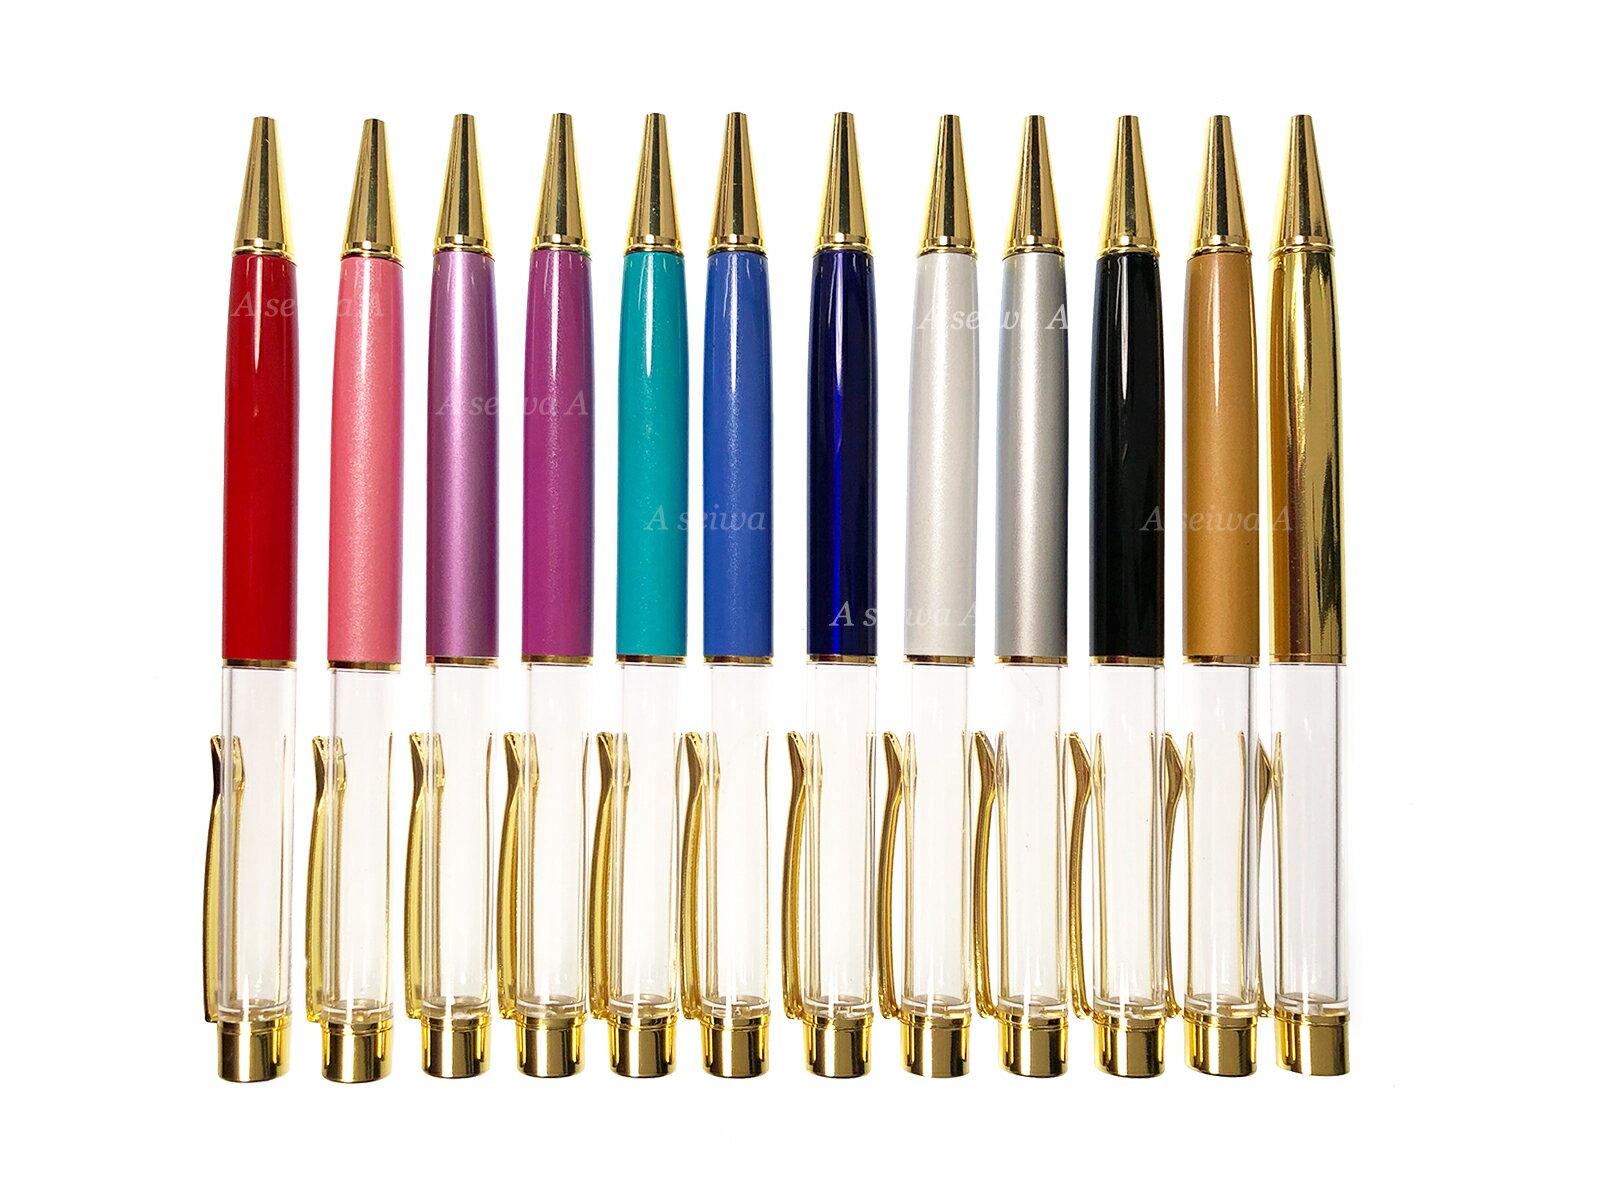 ハーバリウム ボールペン 本体 自作 手作り キット カスタマイズ オリジナル 12本セット (A00933〜A00944)